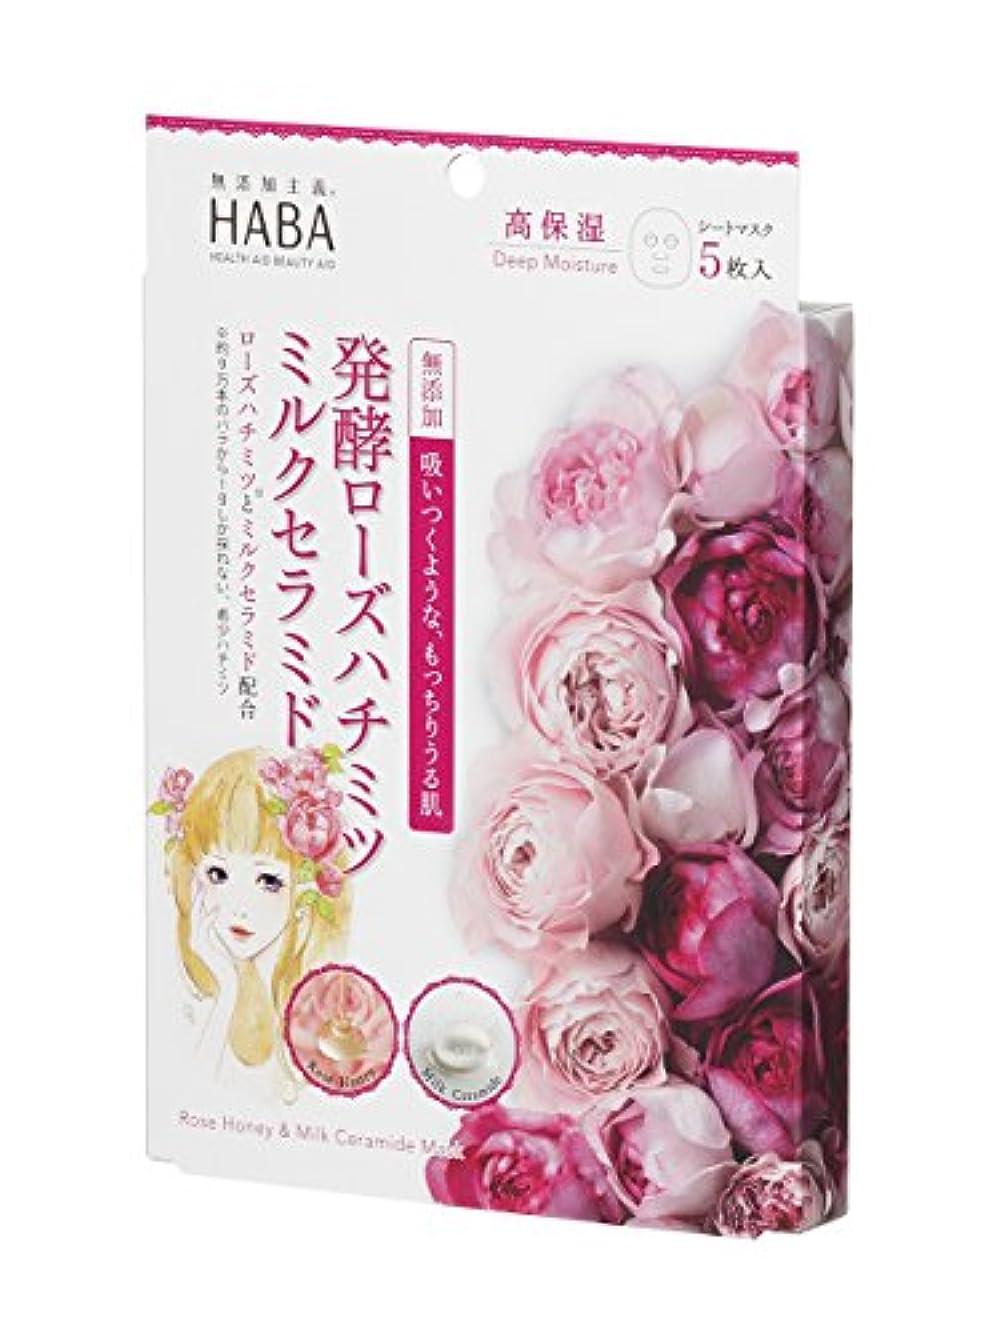 スイッチシネウィ私のハーバー ローズハチミツ ミルクセラミドマスク 5包入り(箱入)